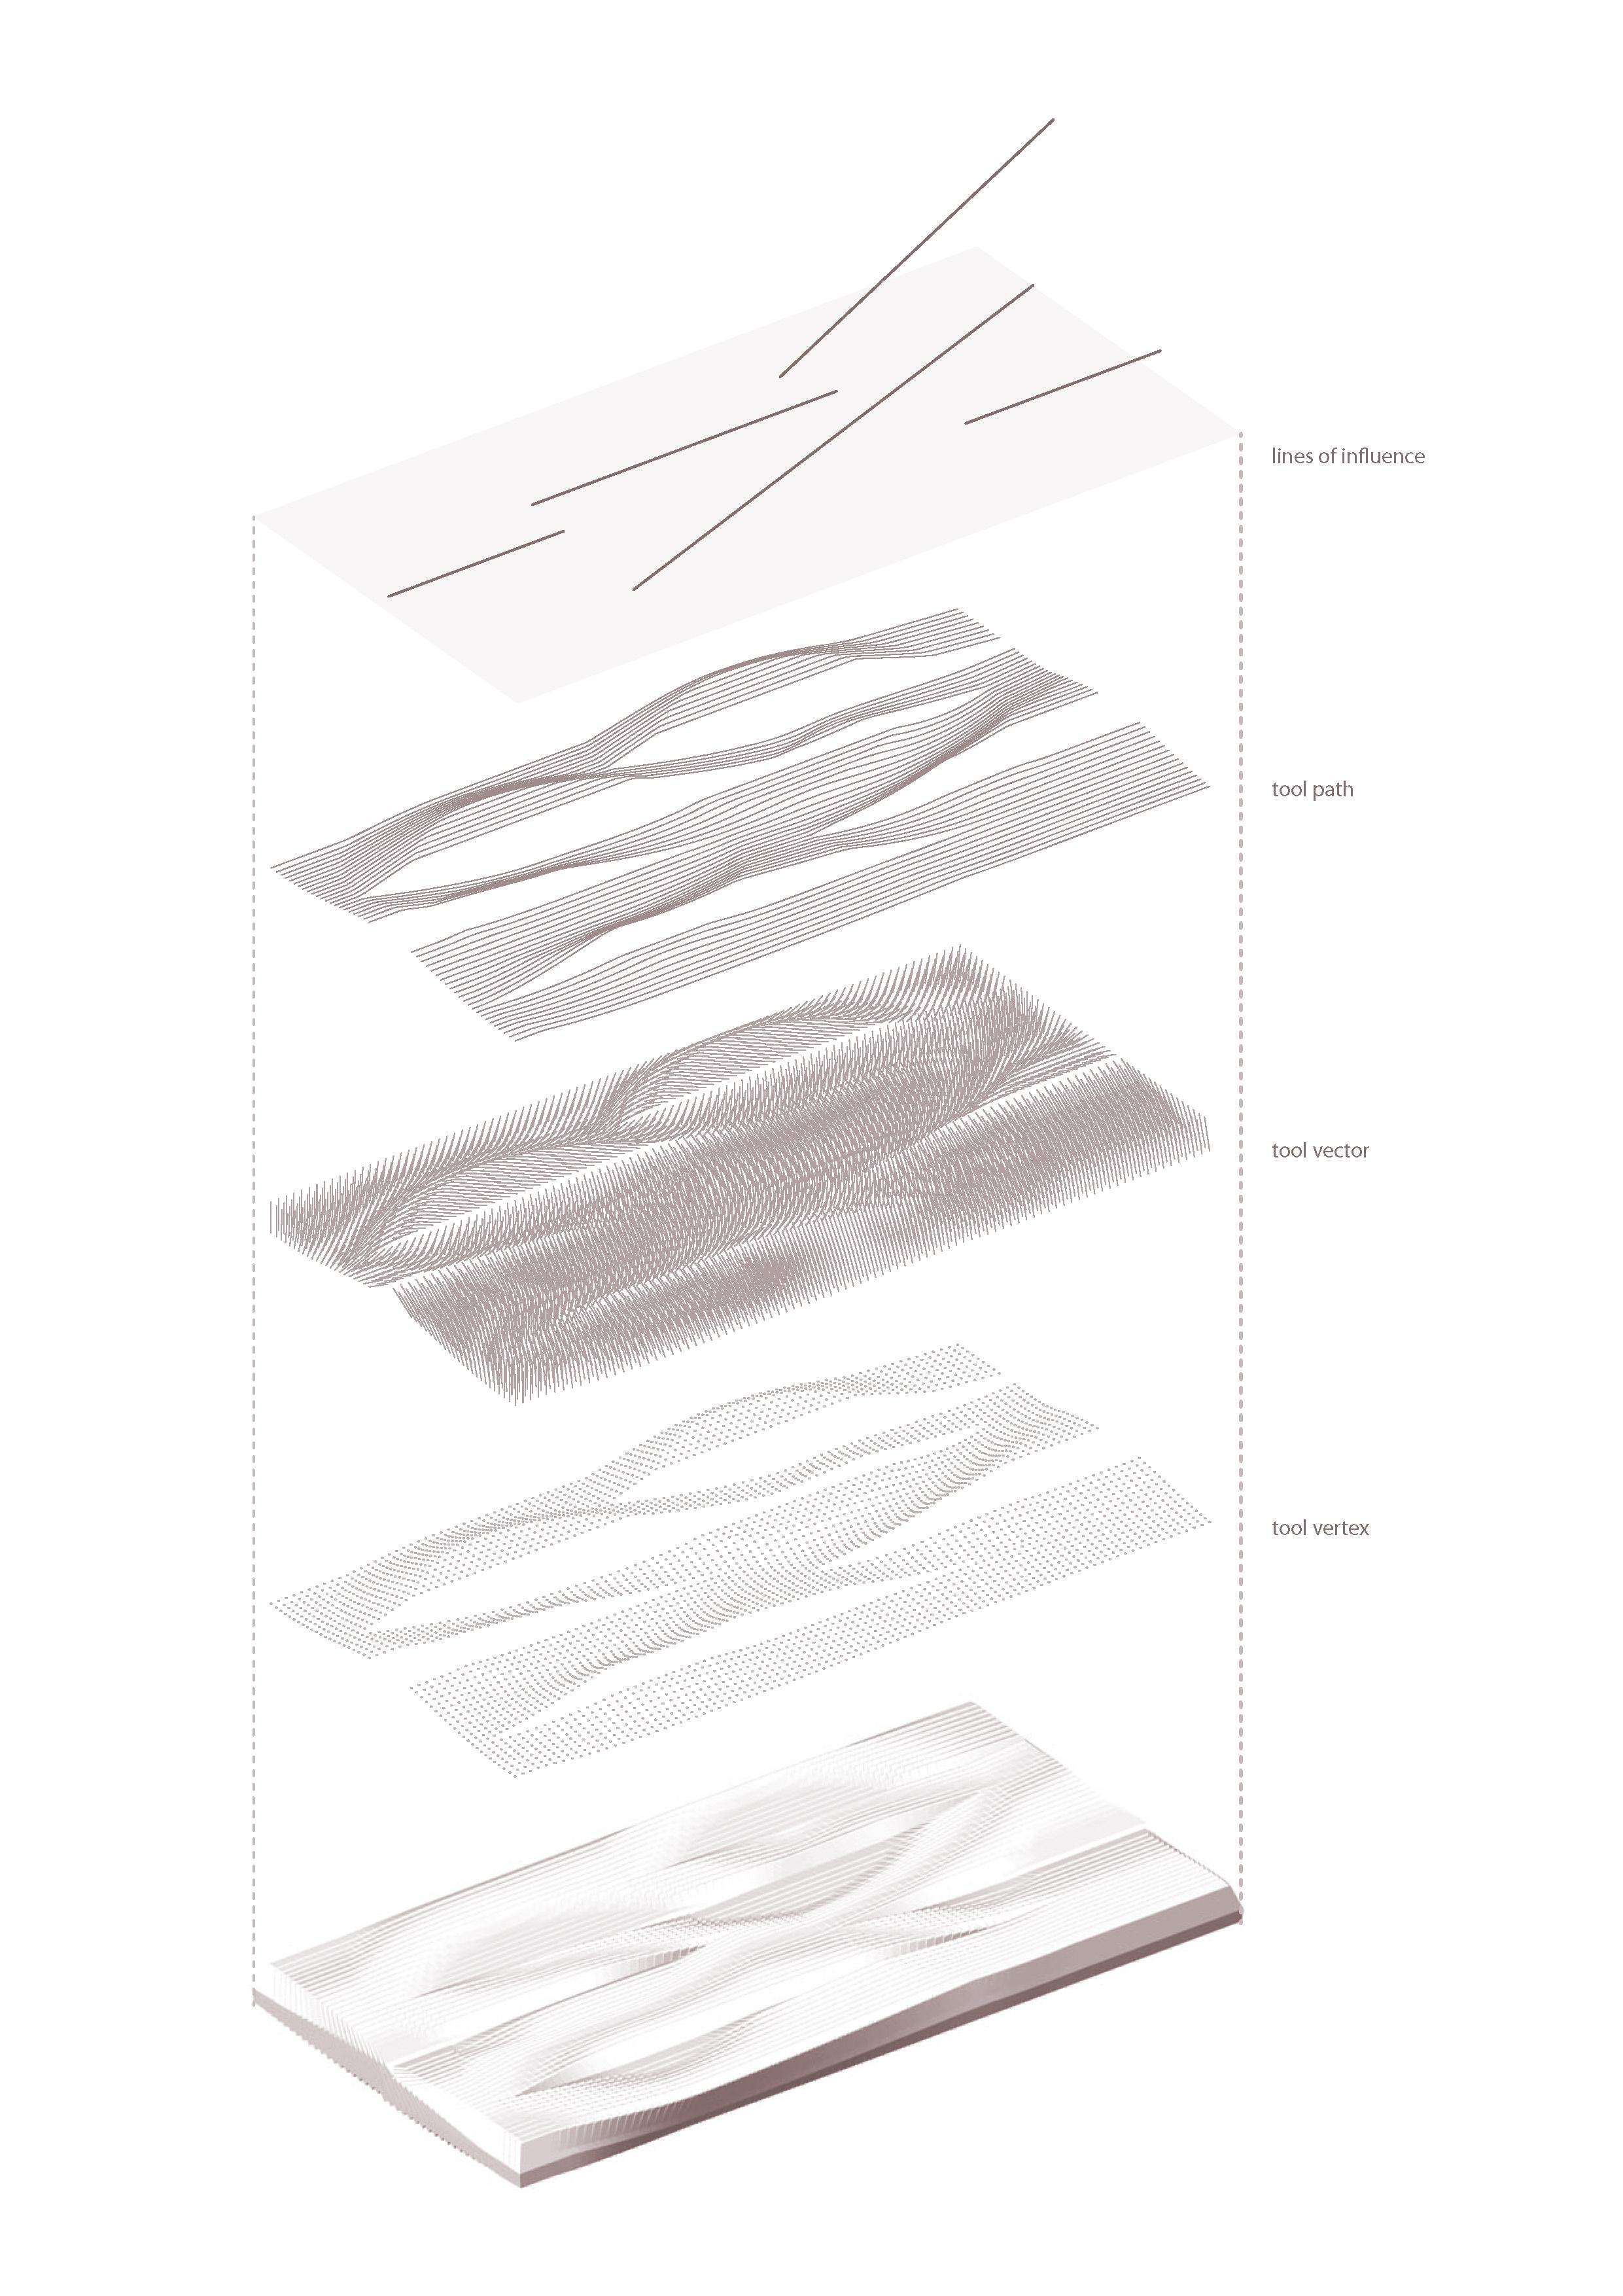 diagrams_Page_16